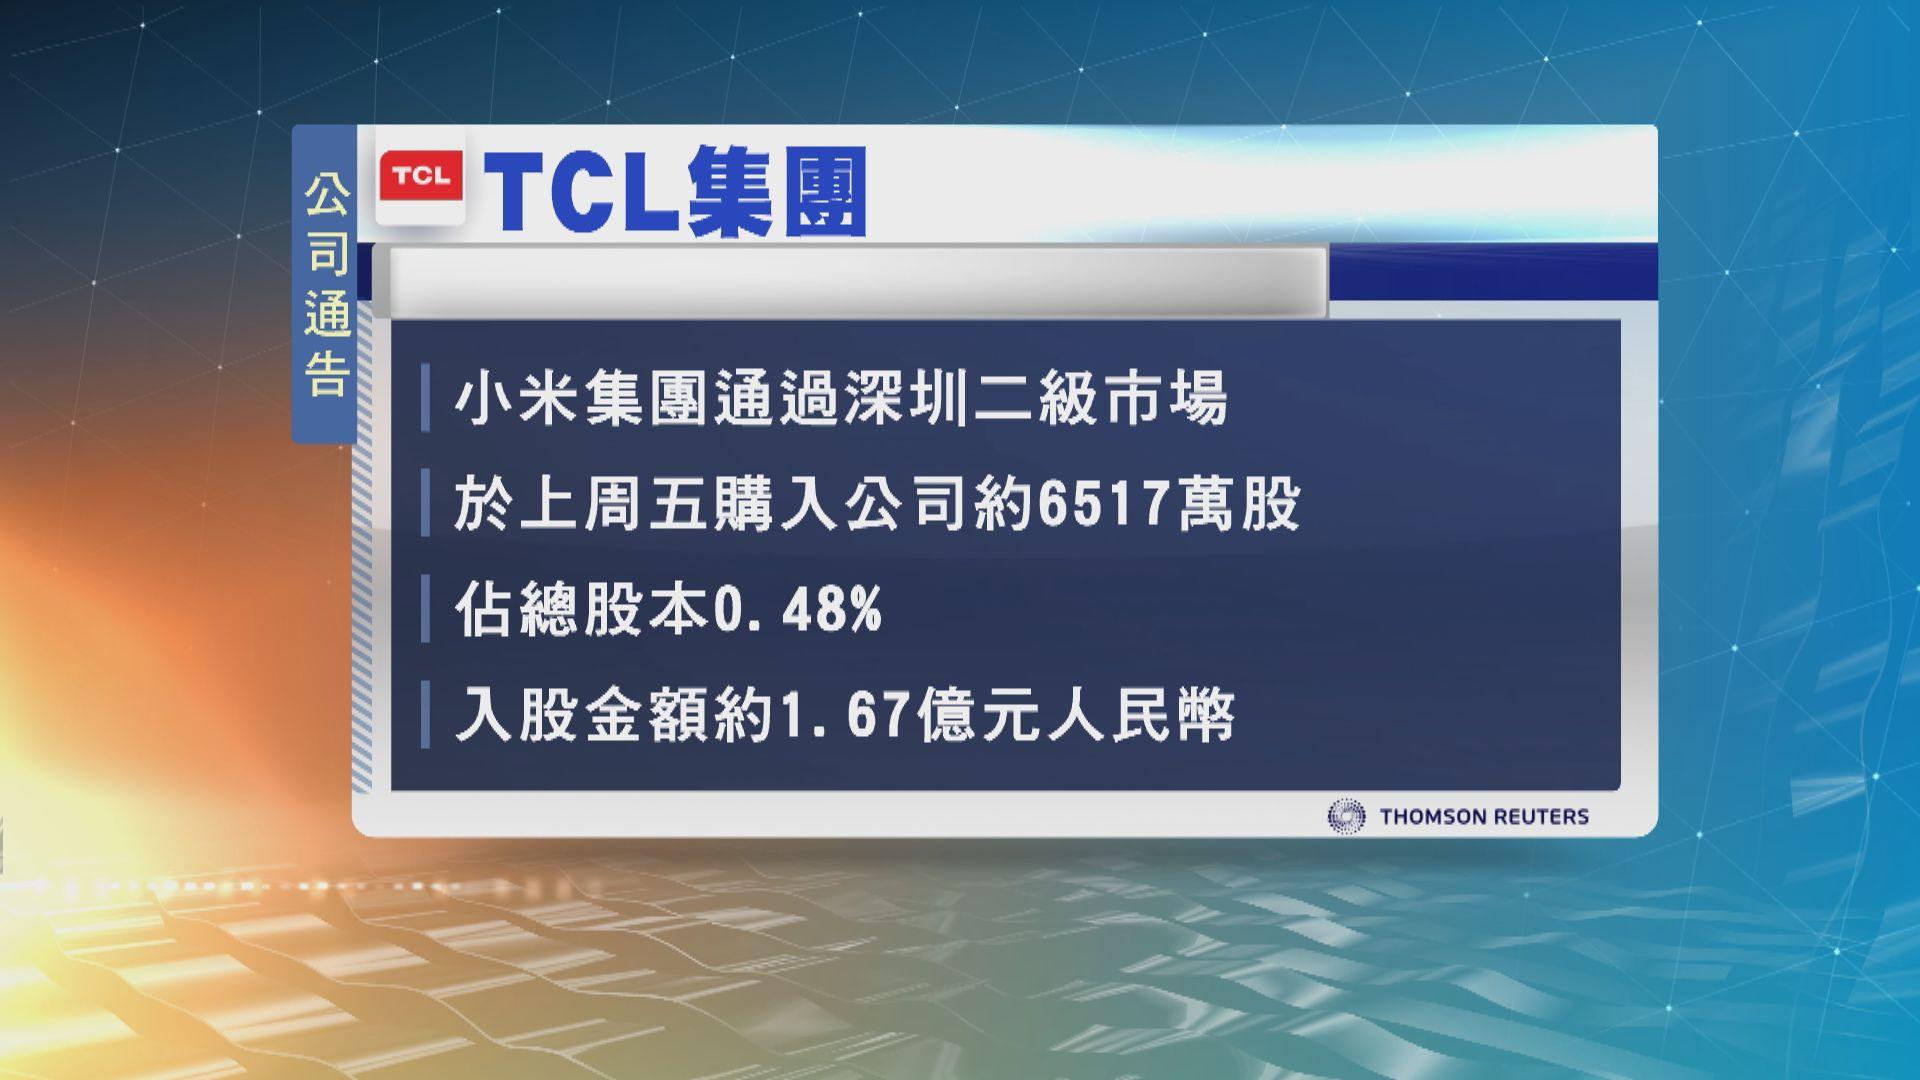 小米斥逾1.6億元人民幣入股TCL